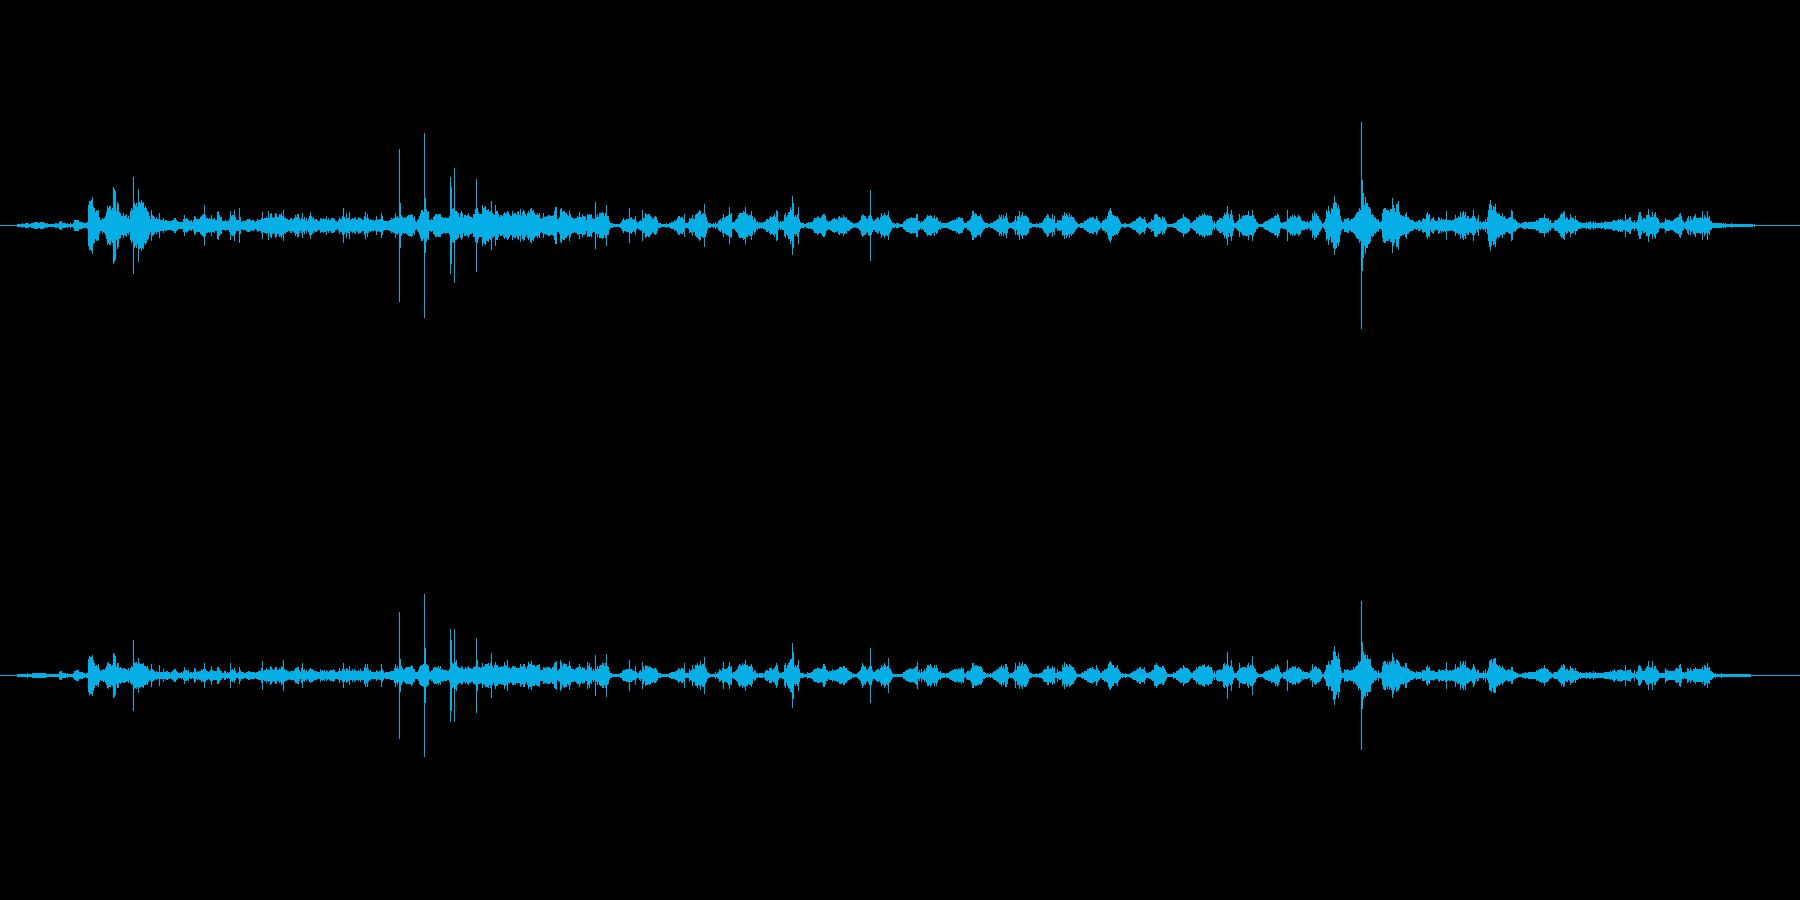 スポンジごしごし効果音の再生済みの波形